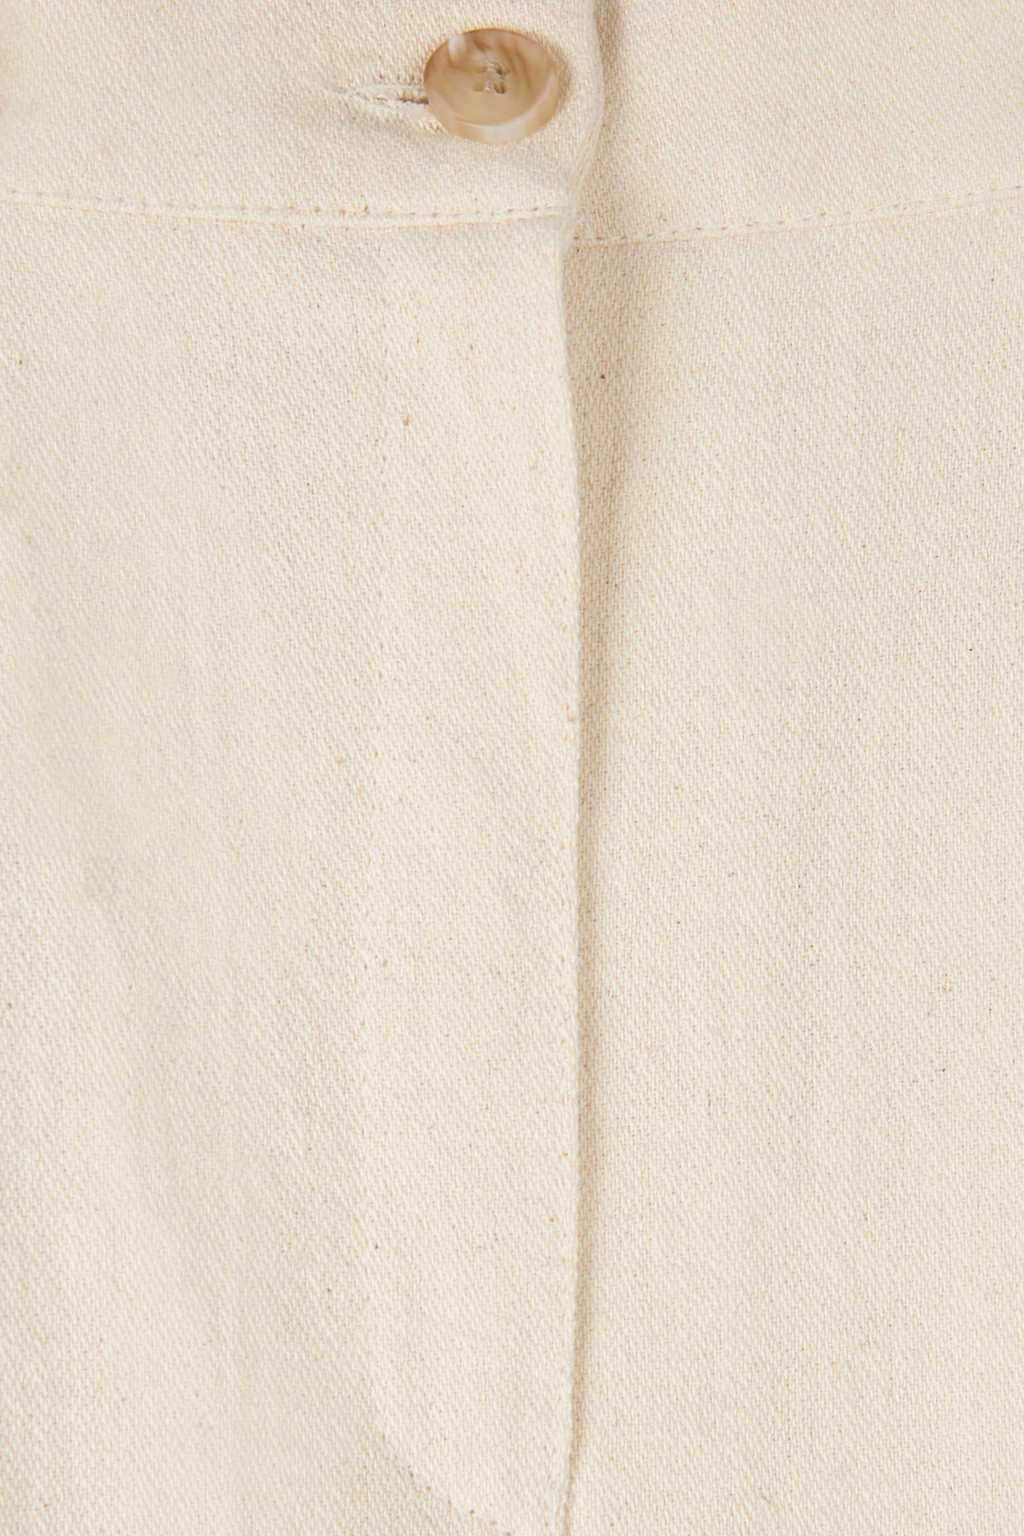 Skirt K006 Cream 6